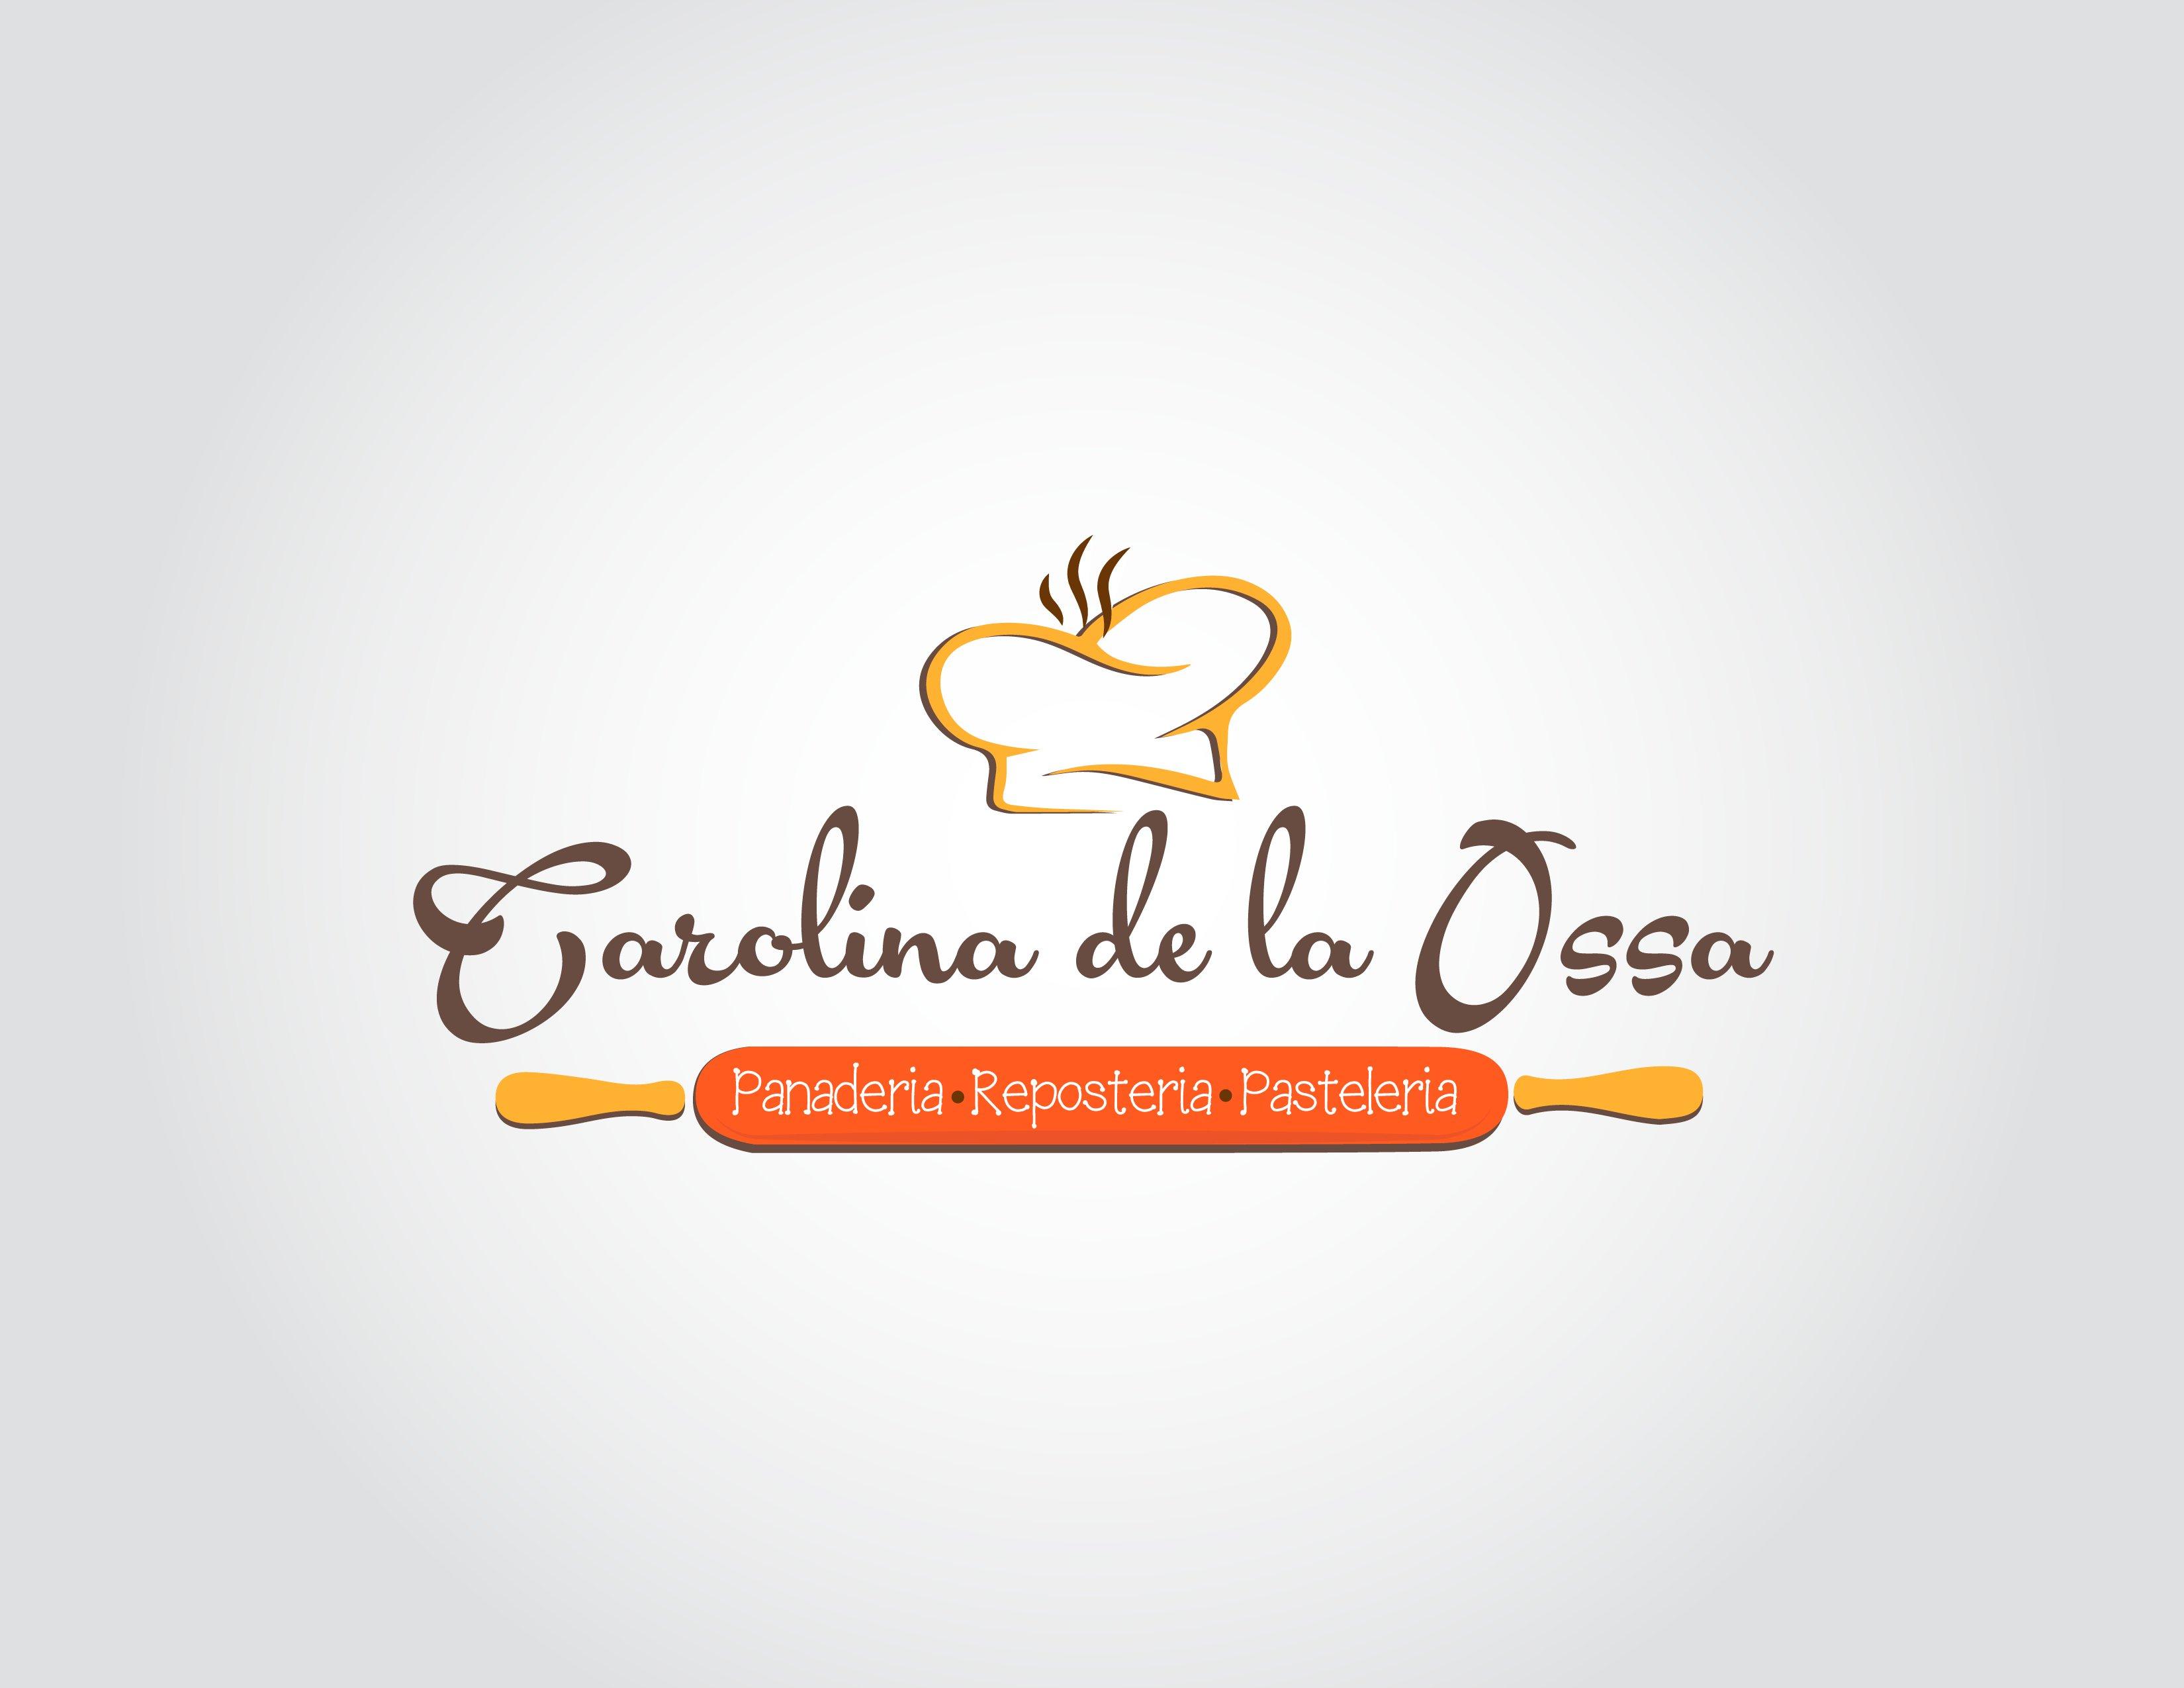 Carolina de la Ossa Panadería y Repostería